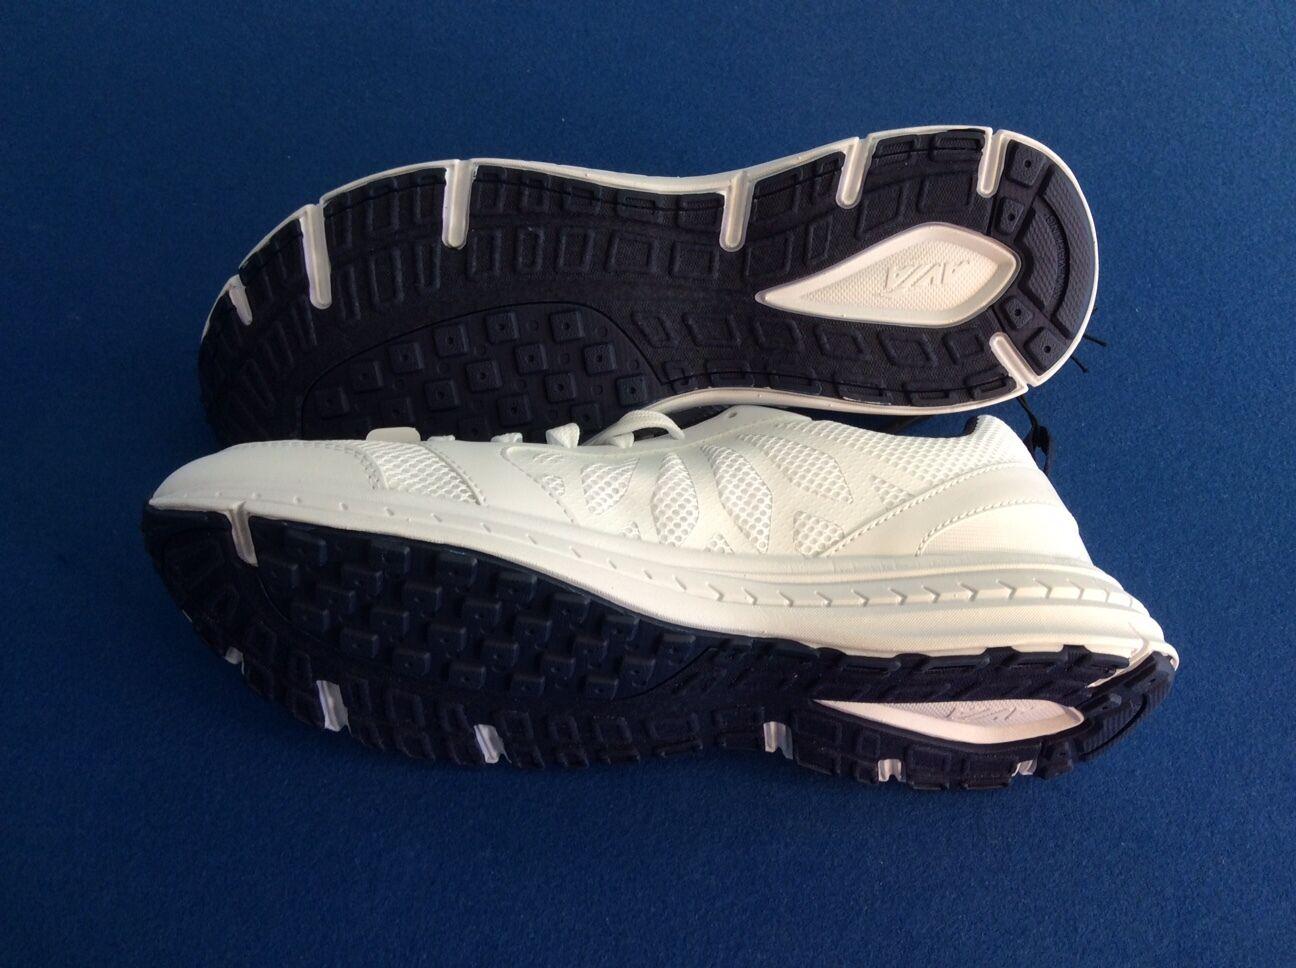 avia solution hommes dirige les chaussures confort d'athlétisme, semelle matelassée du confort chaussures mailles, 92a046